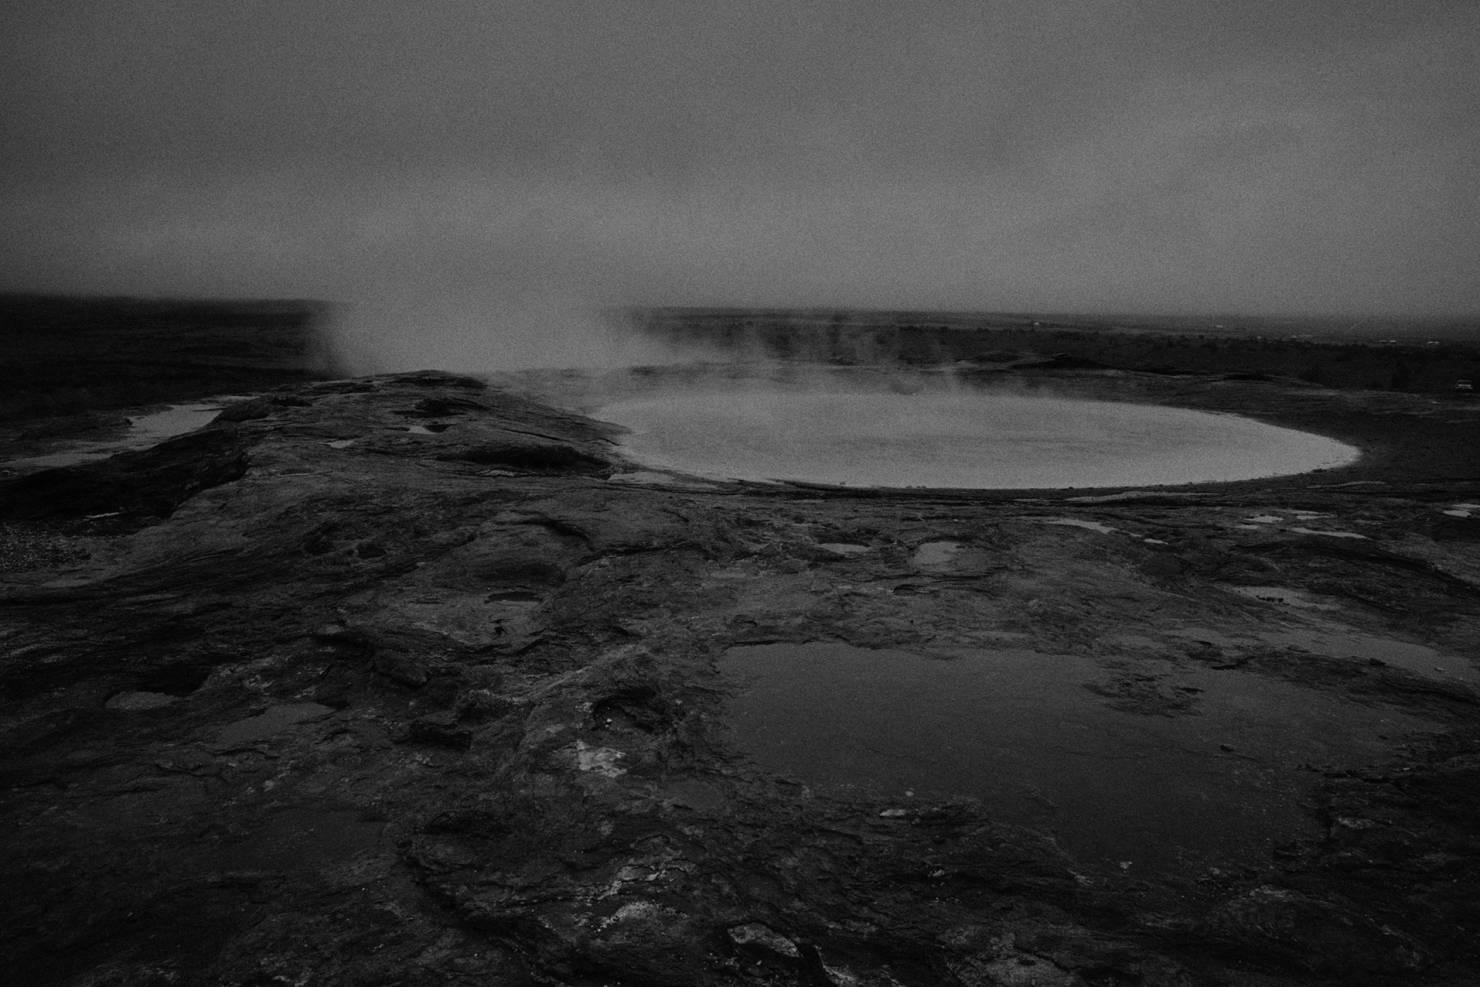 patrick_schuttler_landscape_iceland_002-d9f57d98b49113b91c0765a77494aa8d